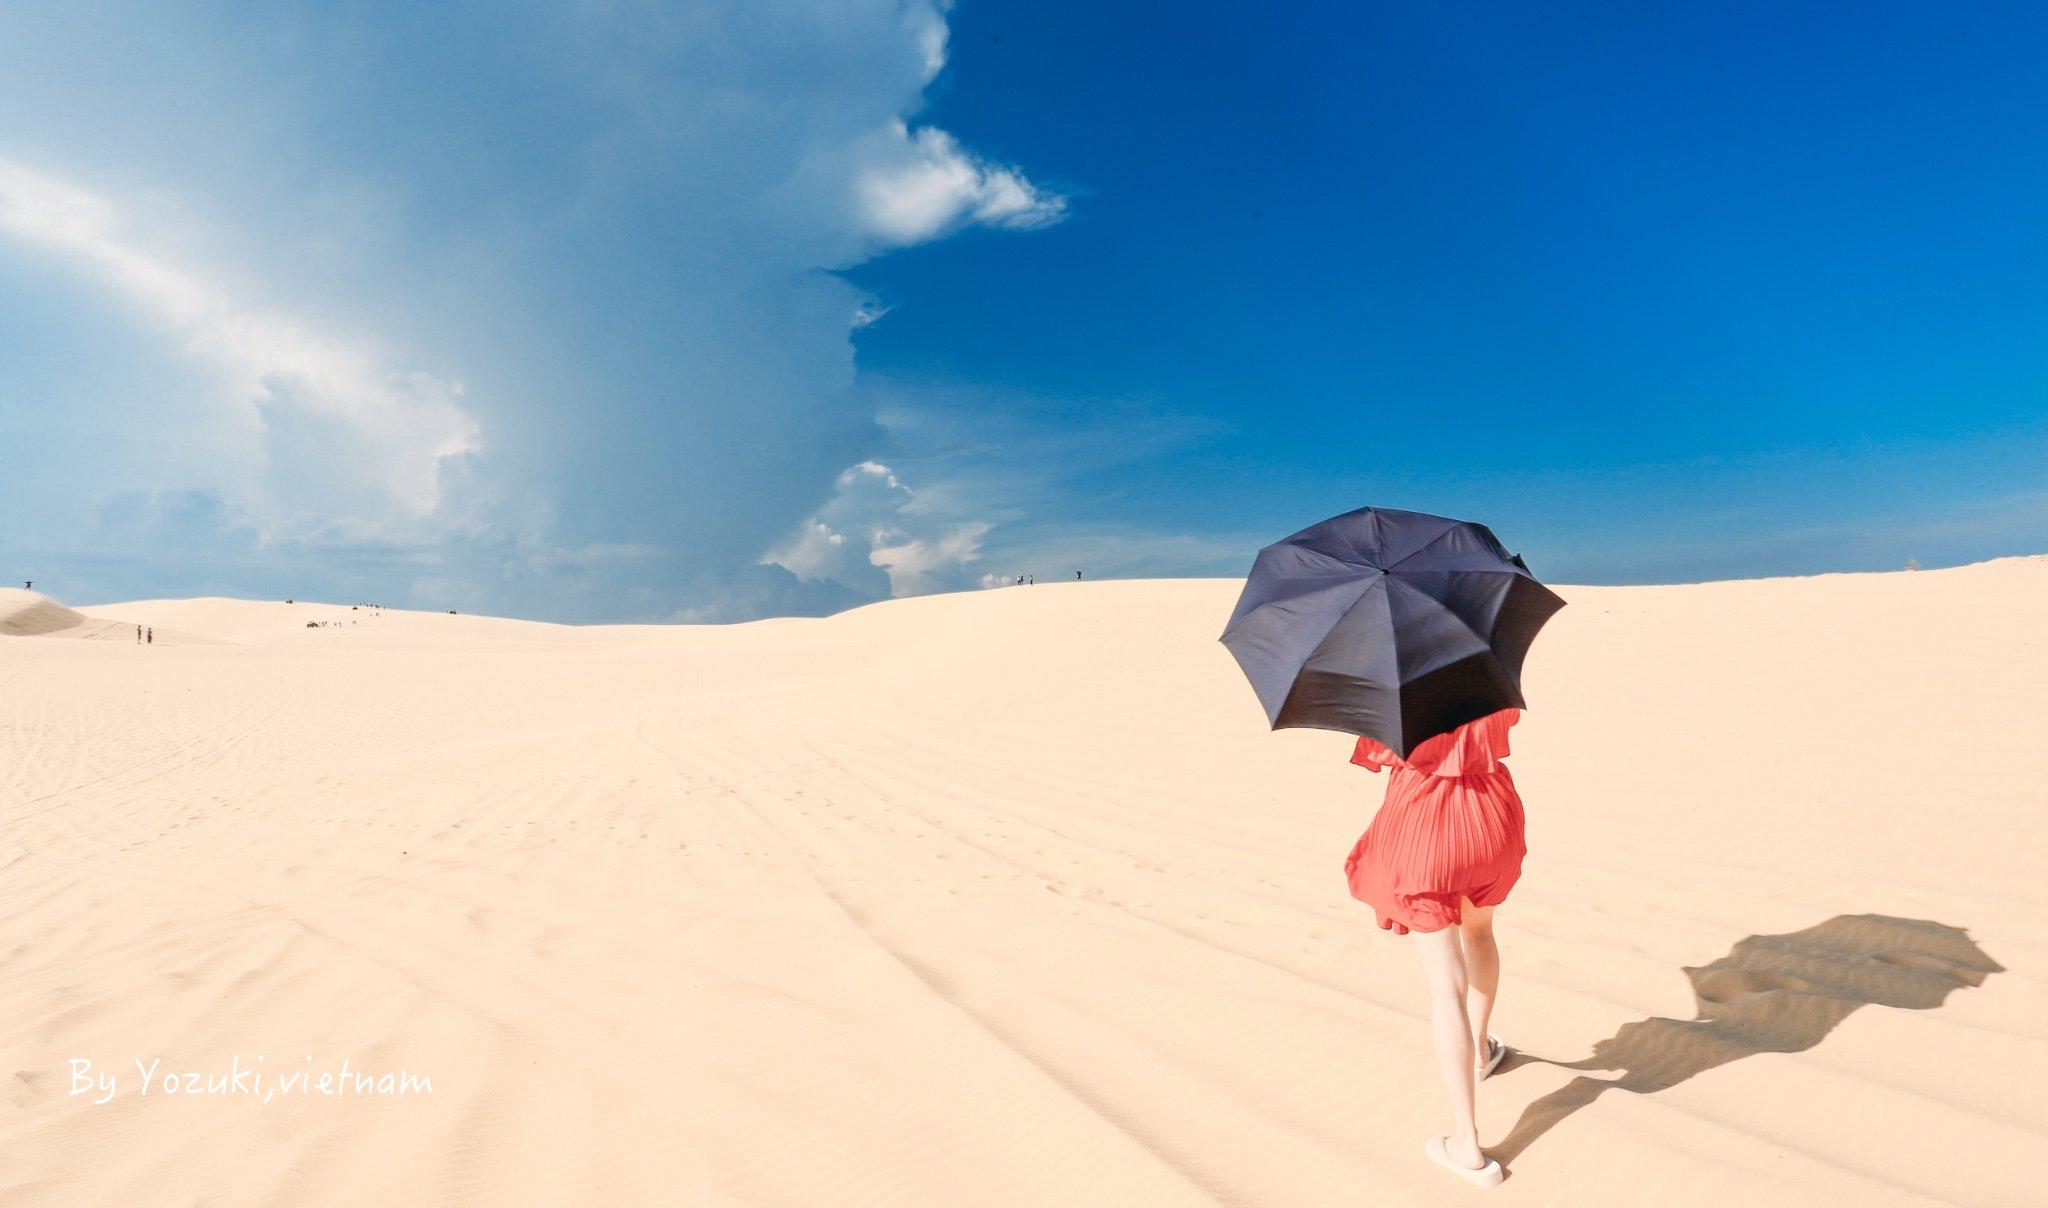 吹吹东南亚的风,越南+泰国!12天晒黑记